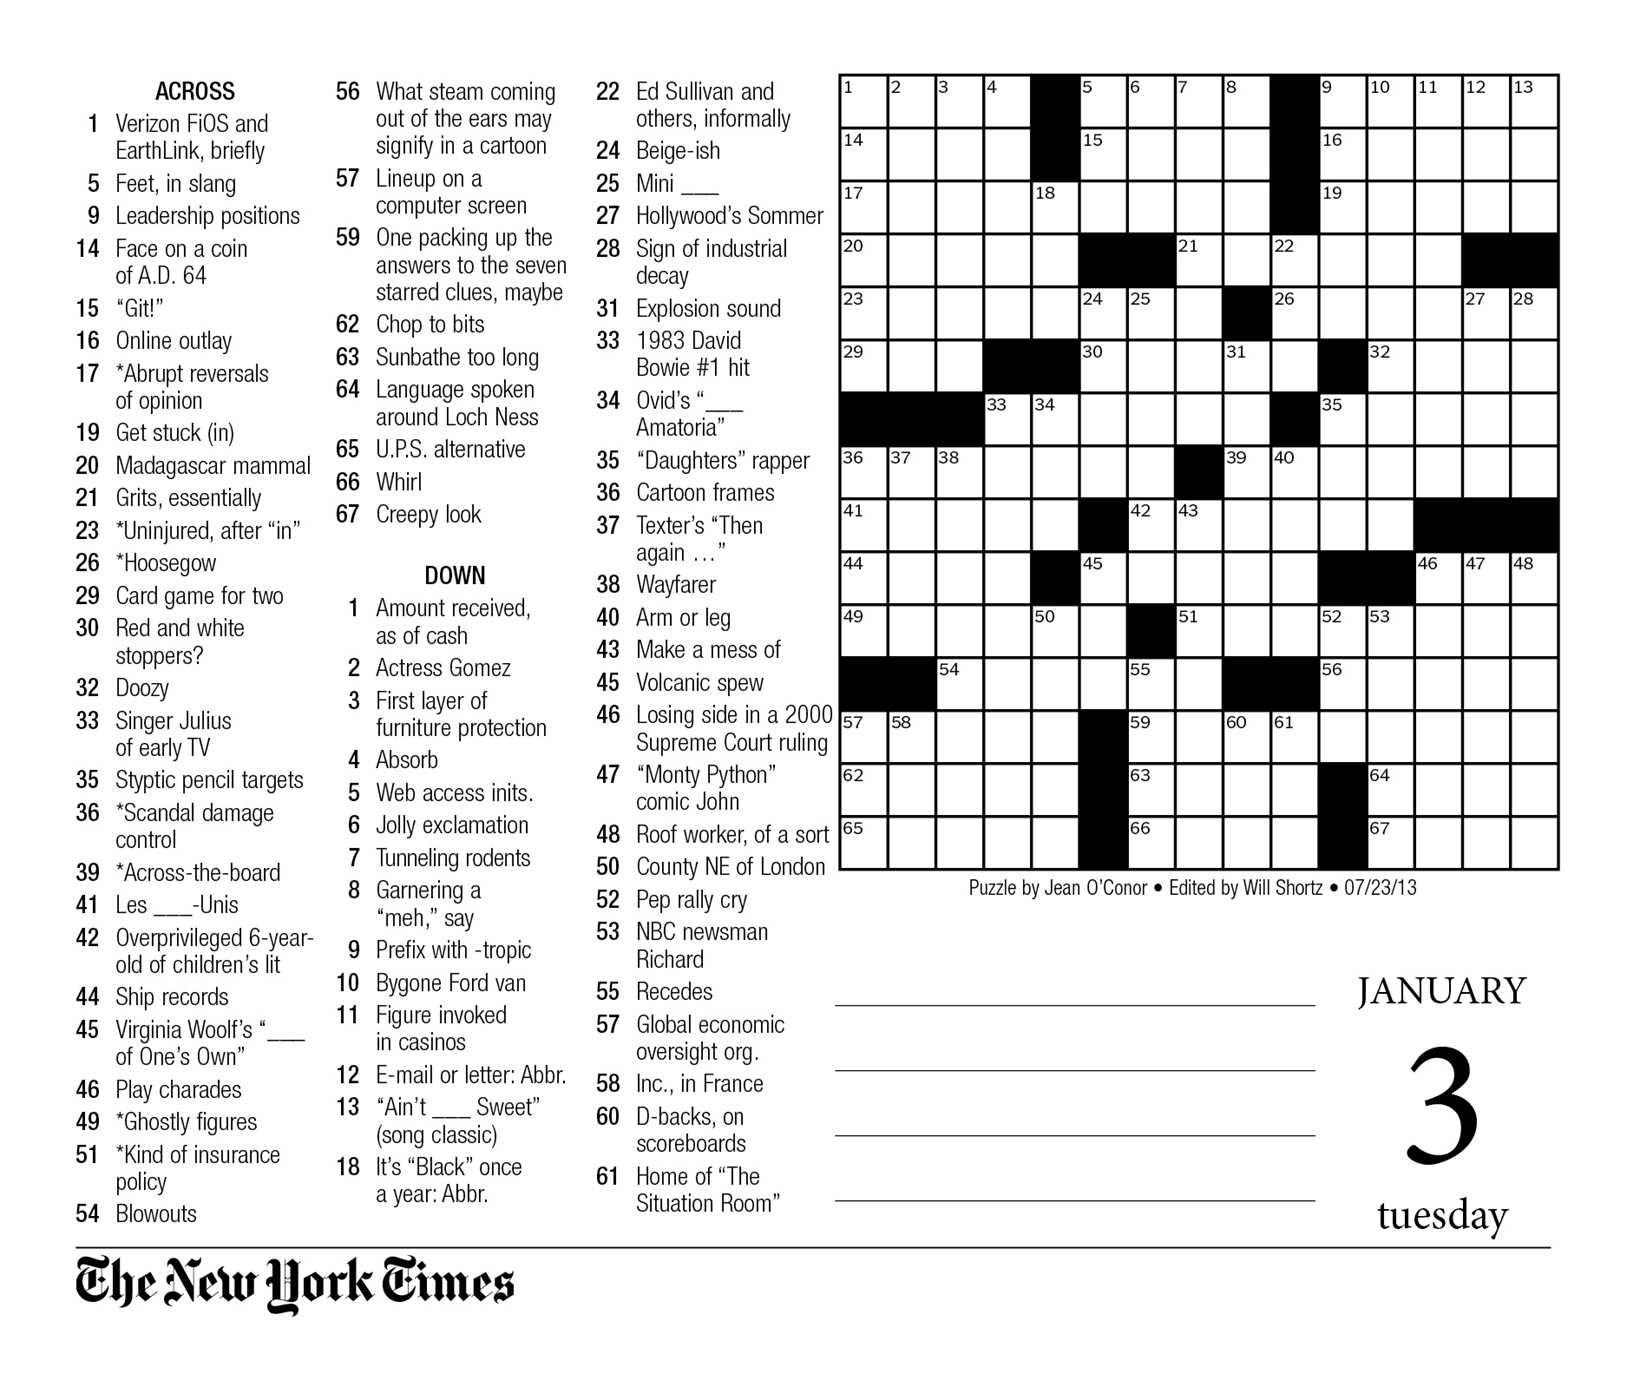 Crosswords Sunday Crossword Puzzle Printable ~ Themarketonholly - La Times Sunday Crossword Puzzle Printable